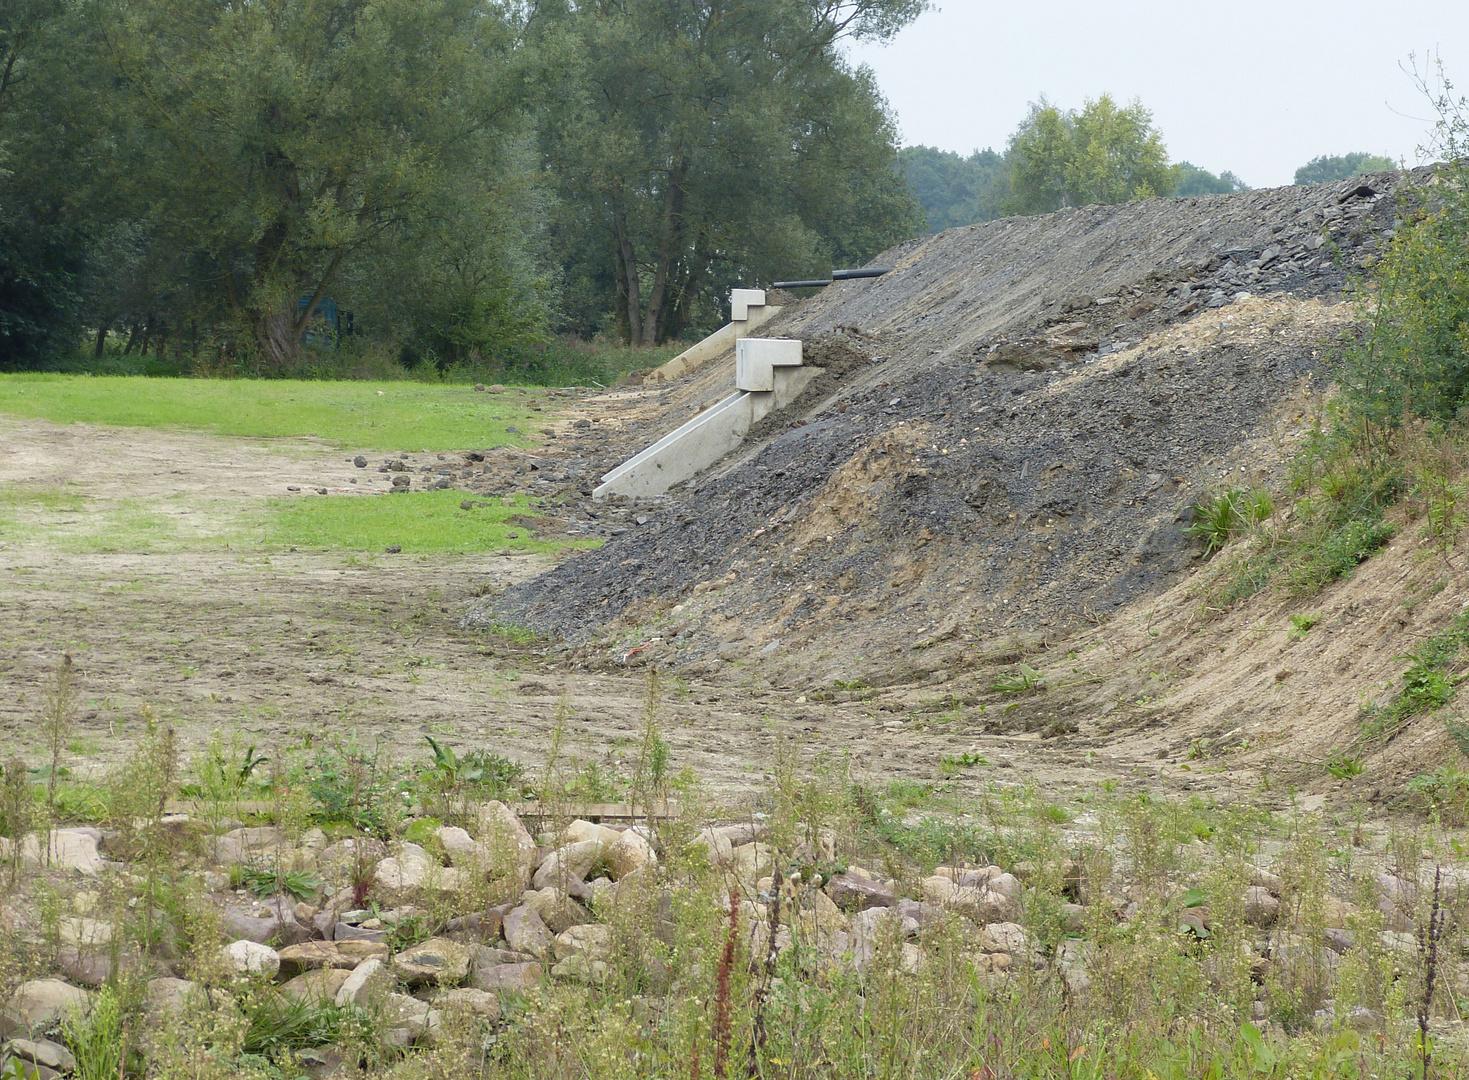 Wiederherstellung der Amphibienwege unter der 4 spurigen Fahrbahn